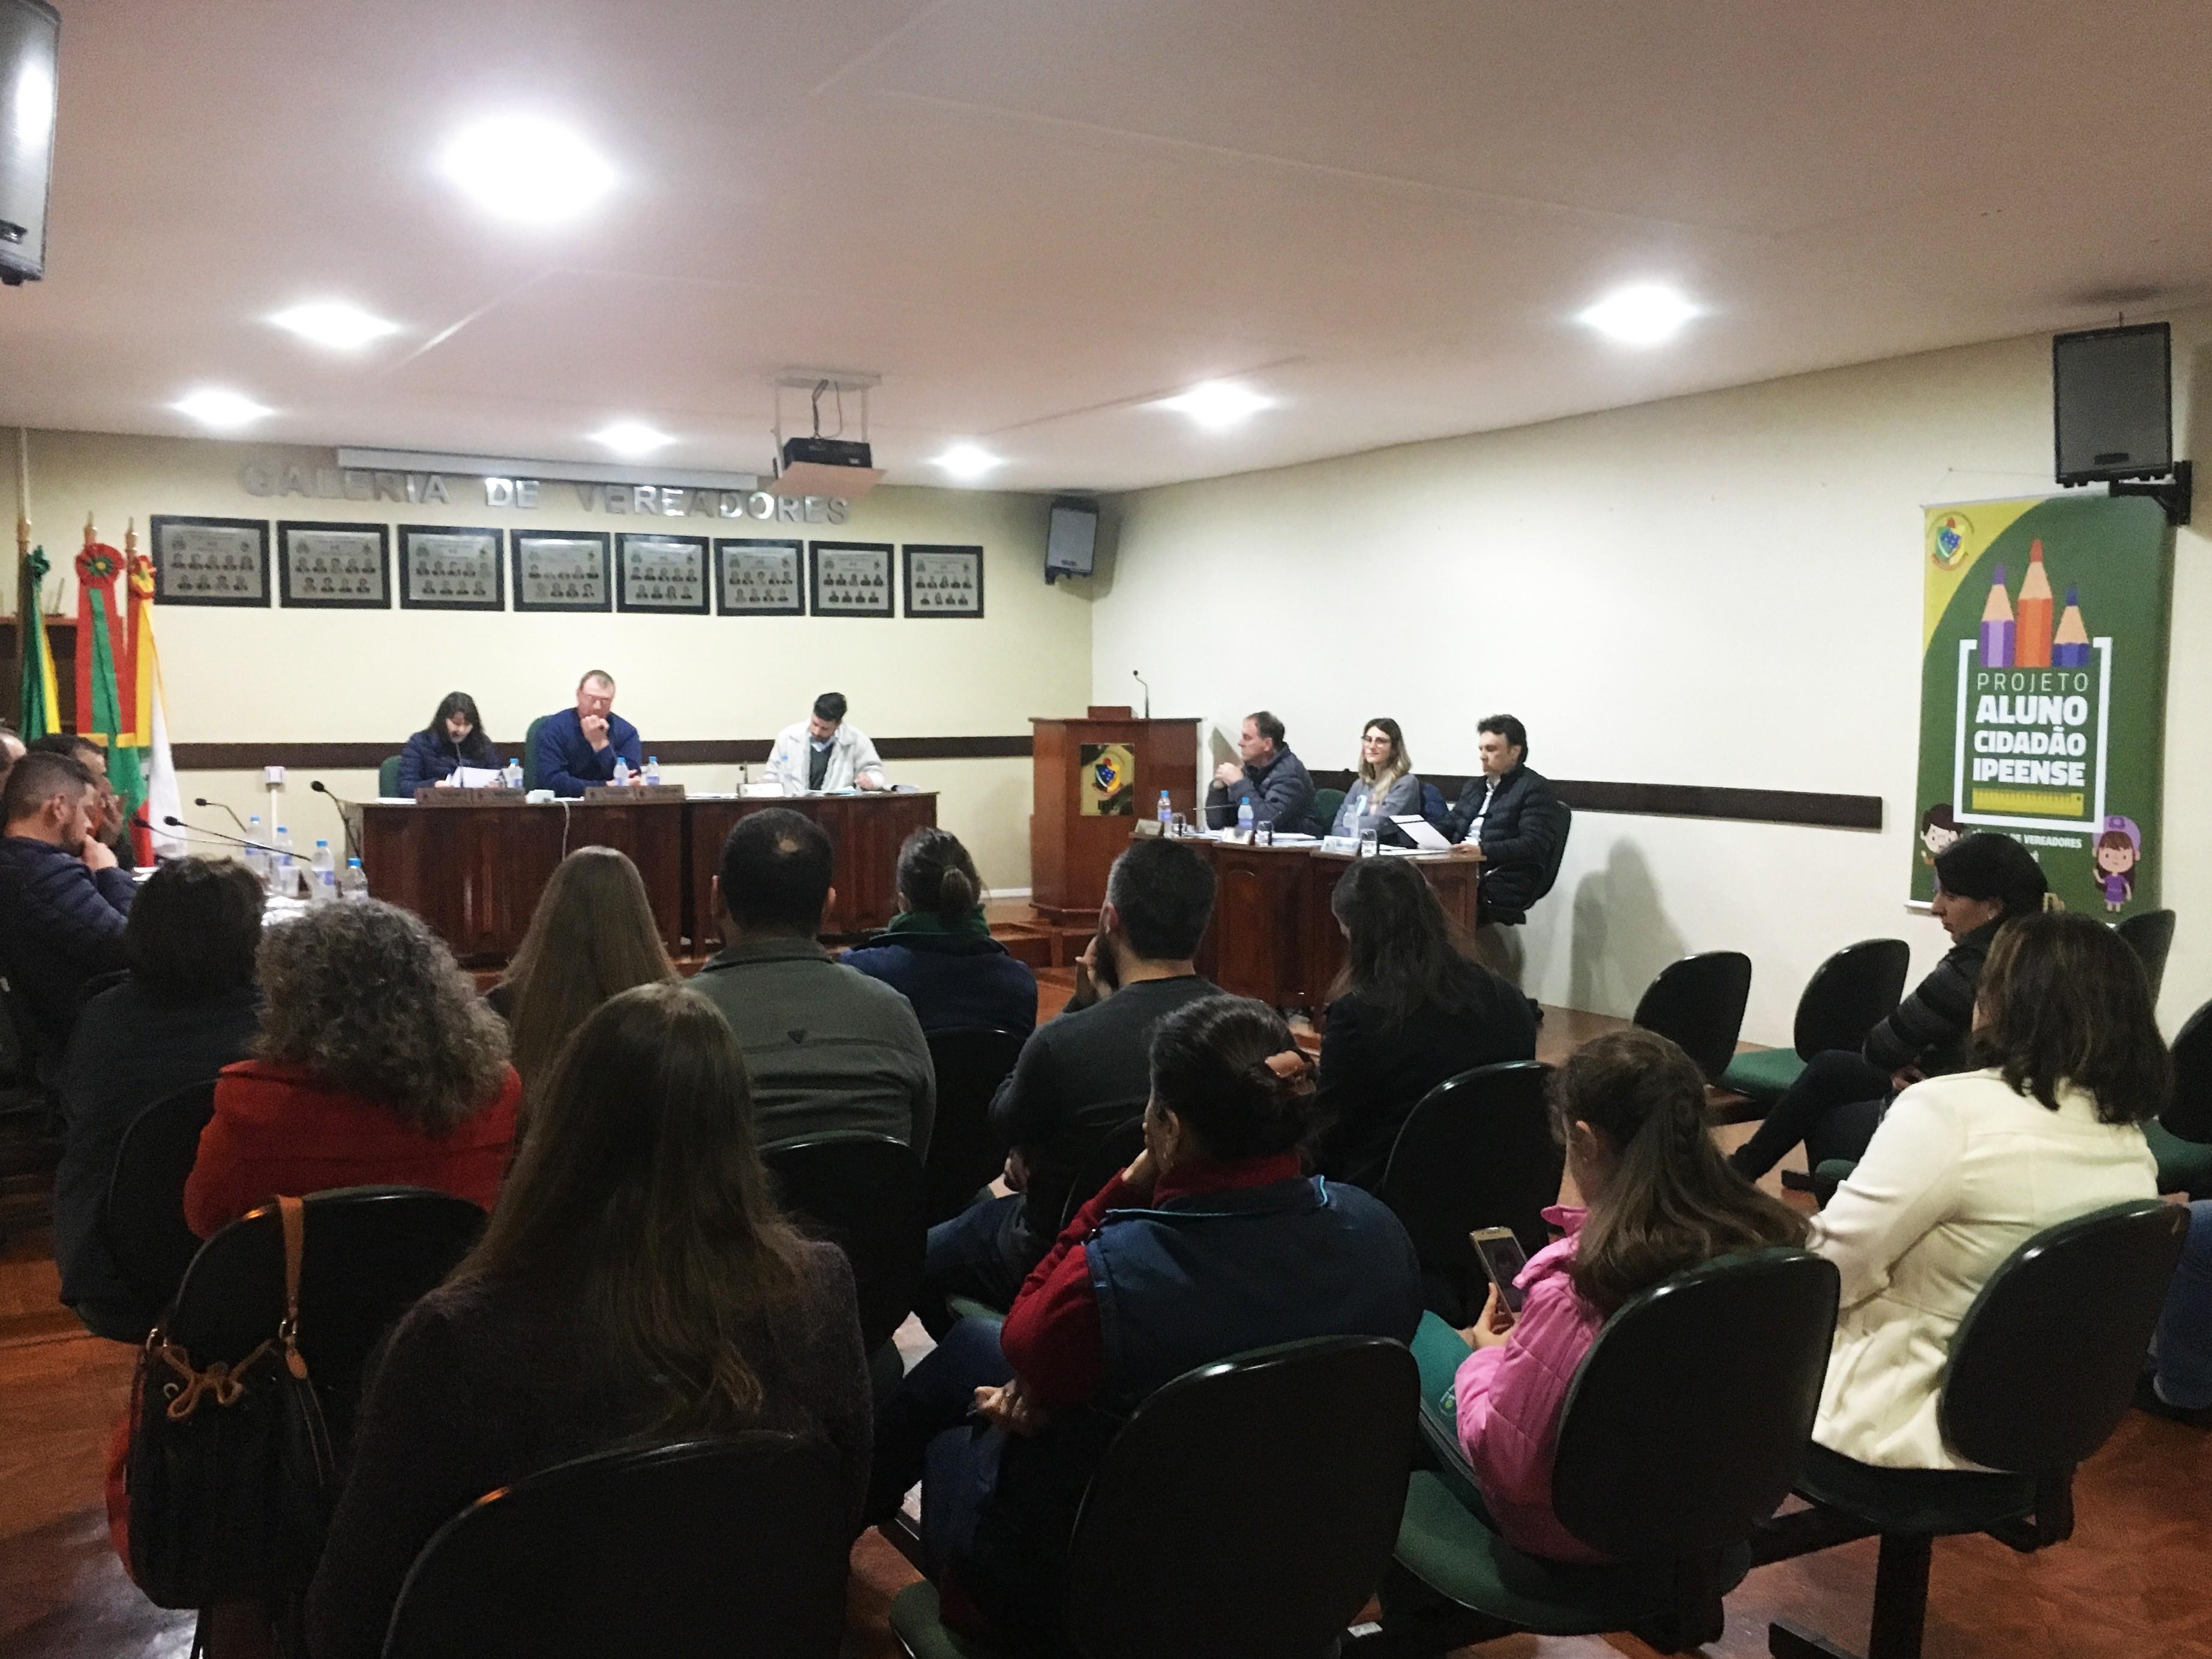 Foto de capa da notícia Confira agora como foi a Sessão Plenária Ordinária de ontem, 20 de agosto de 2019, da Câmara de Vereadores de Ipê: